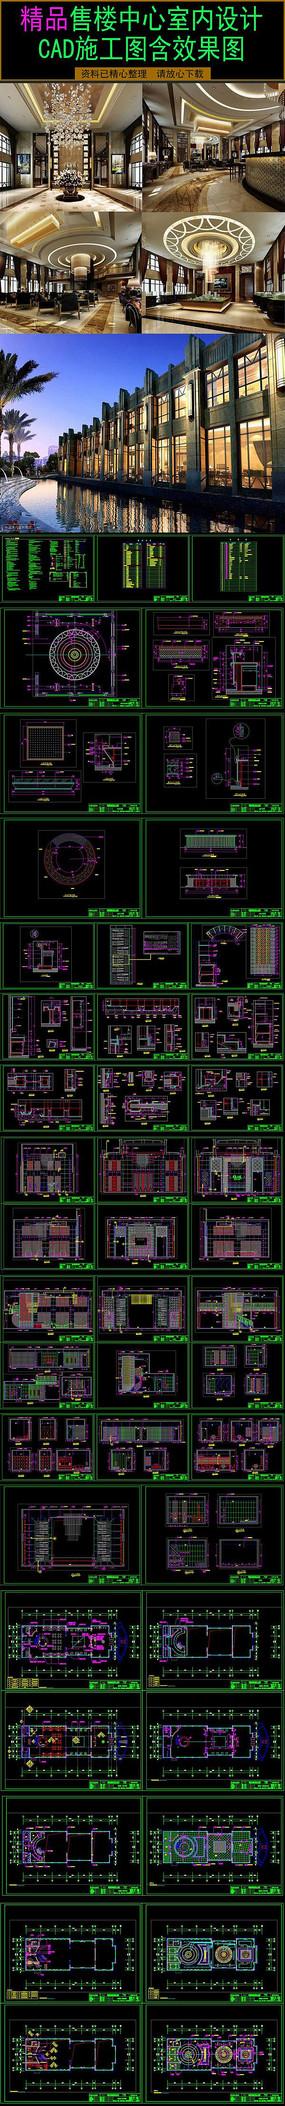 半岛售楼部施工图含效果图